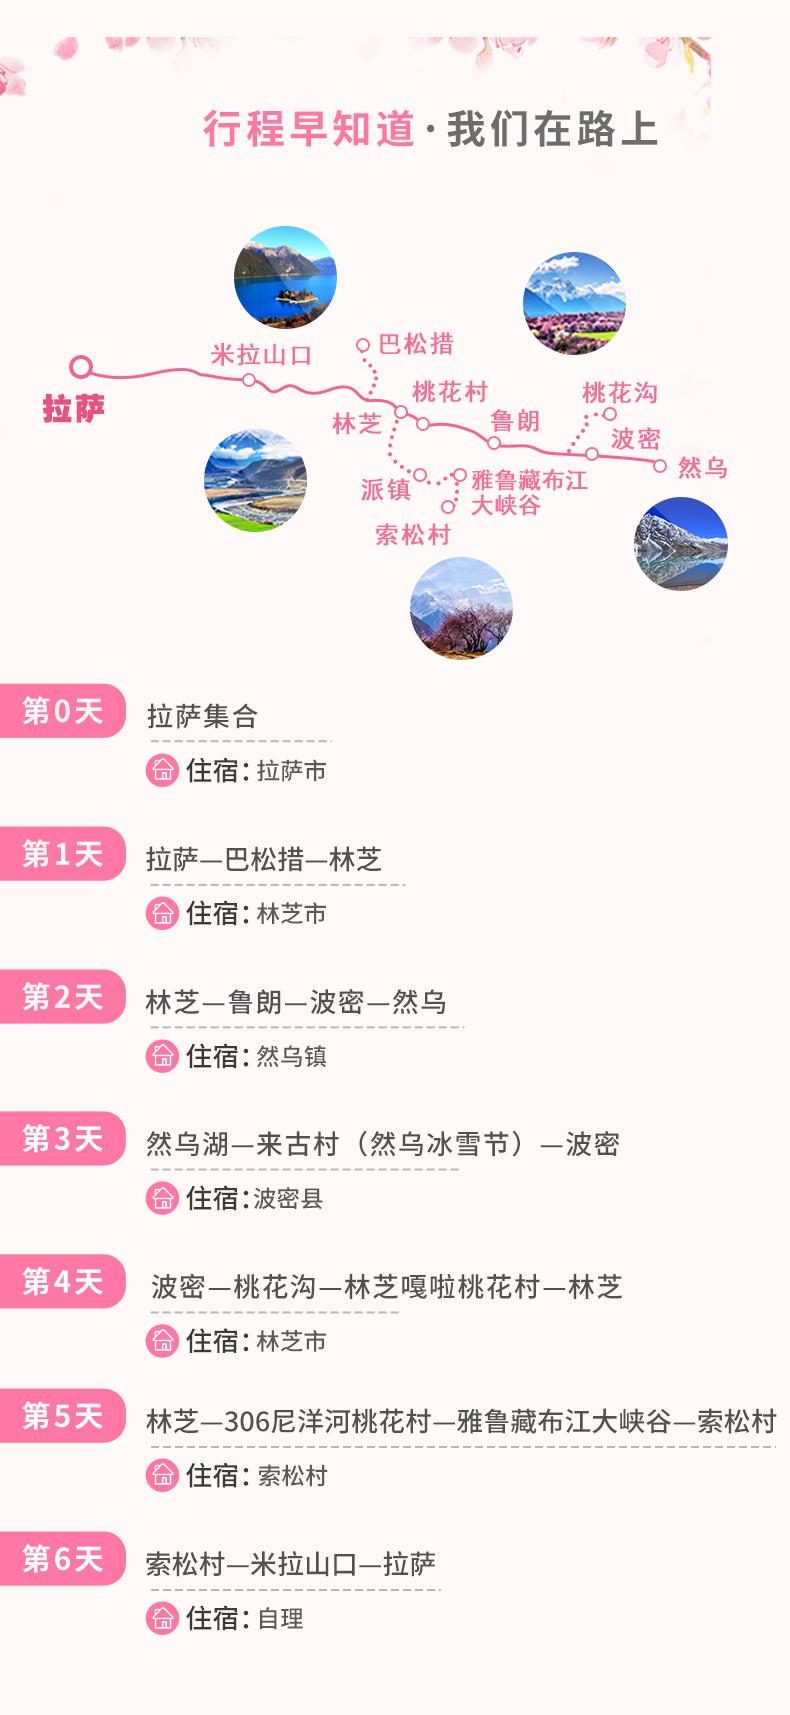 (11)2019冰雪包裹的桃花才是最美春天 ——林芝桃花节+波密桃花+雅鲁藏布大峡谷+然乌湖+巴松措6日游-户外活动图-驼铃网